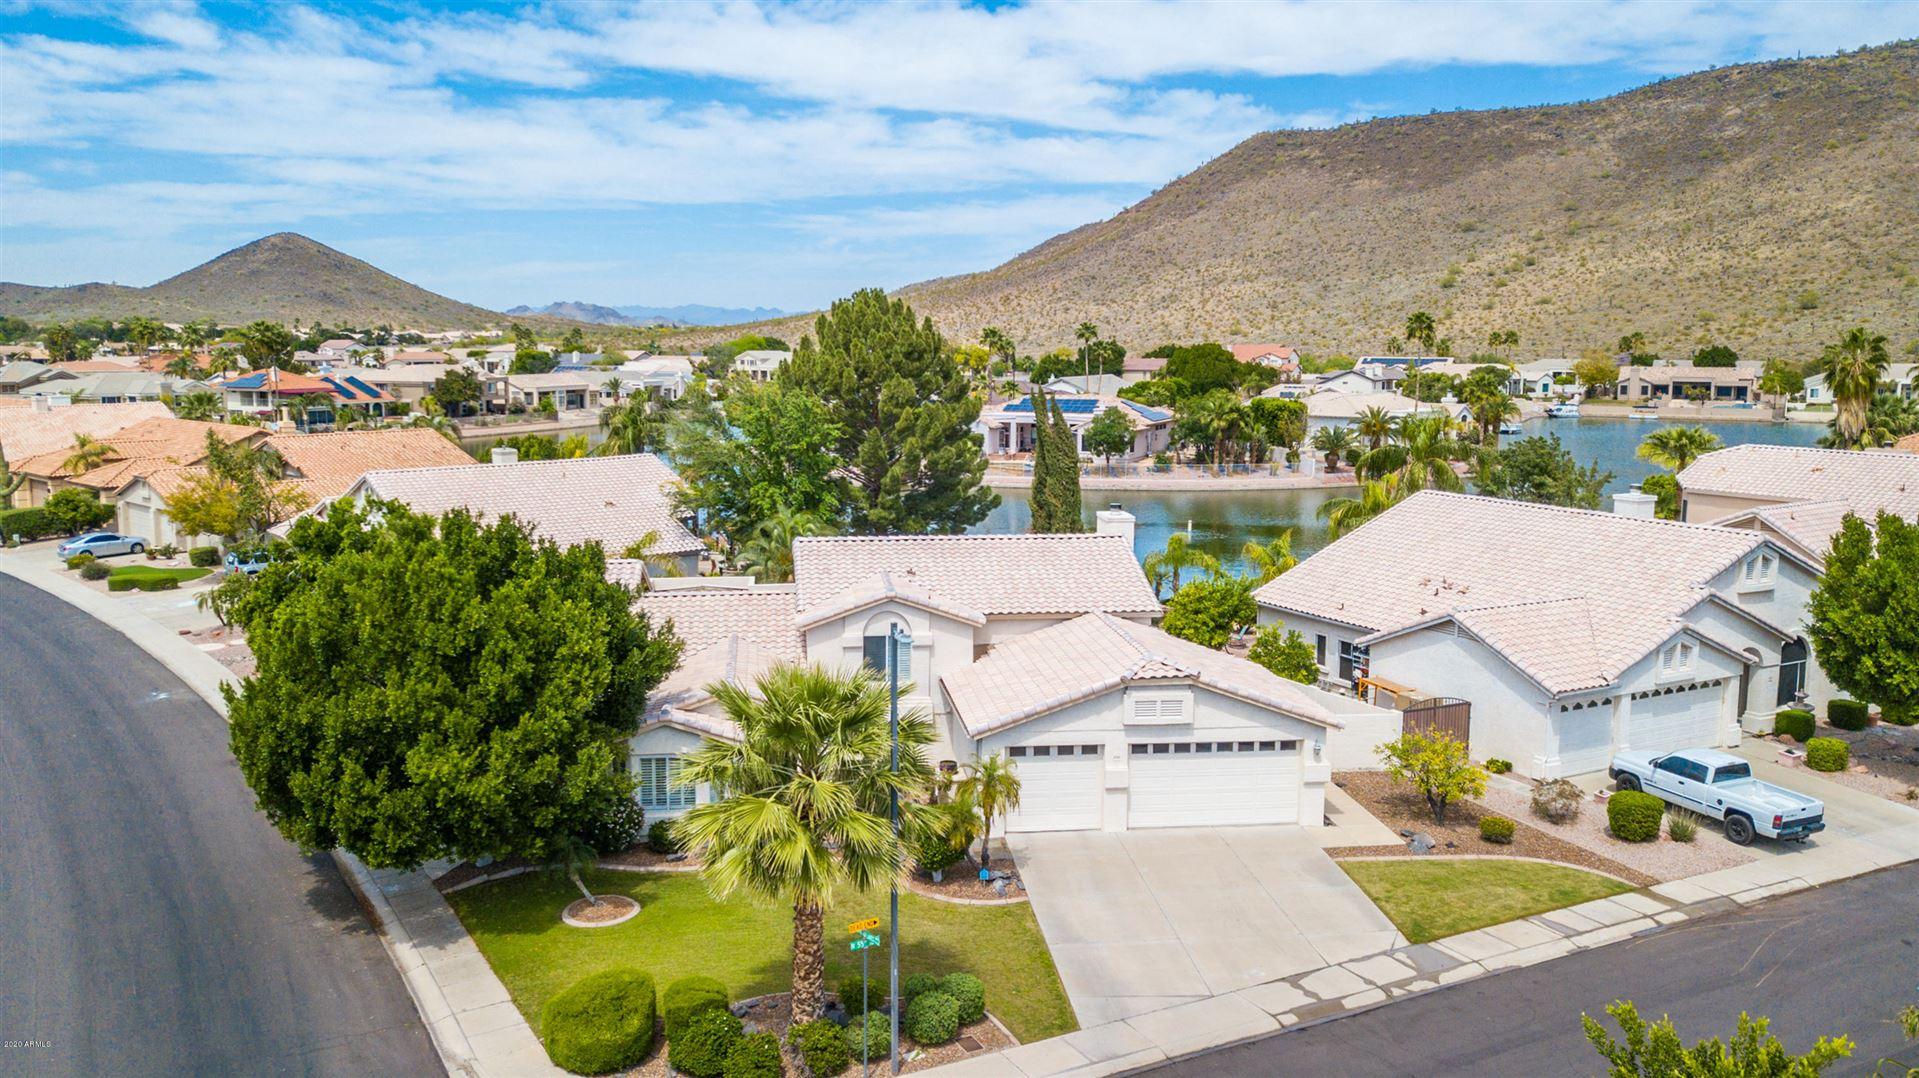 21606 N 55th Drive, Glendale, AZ 85308 - #: 6041621